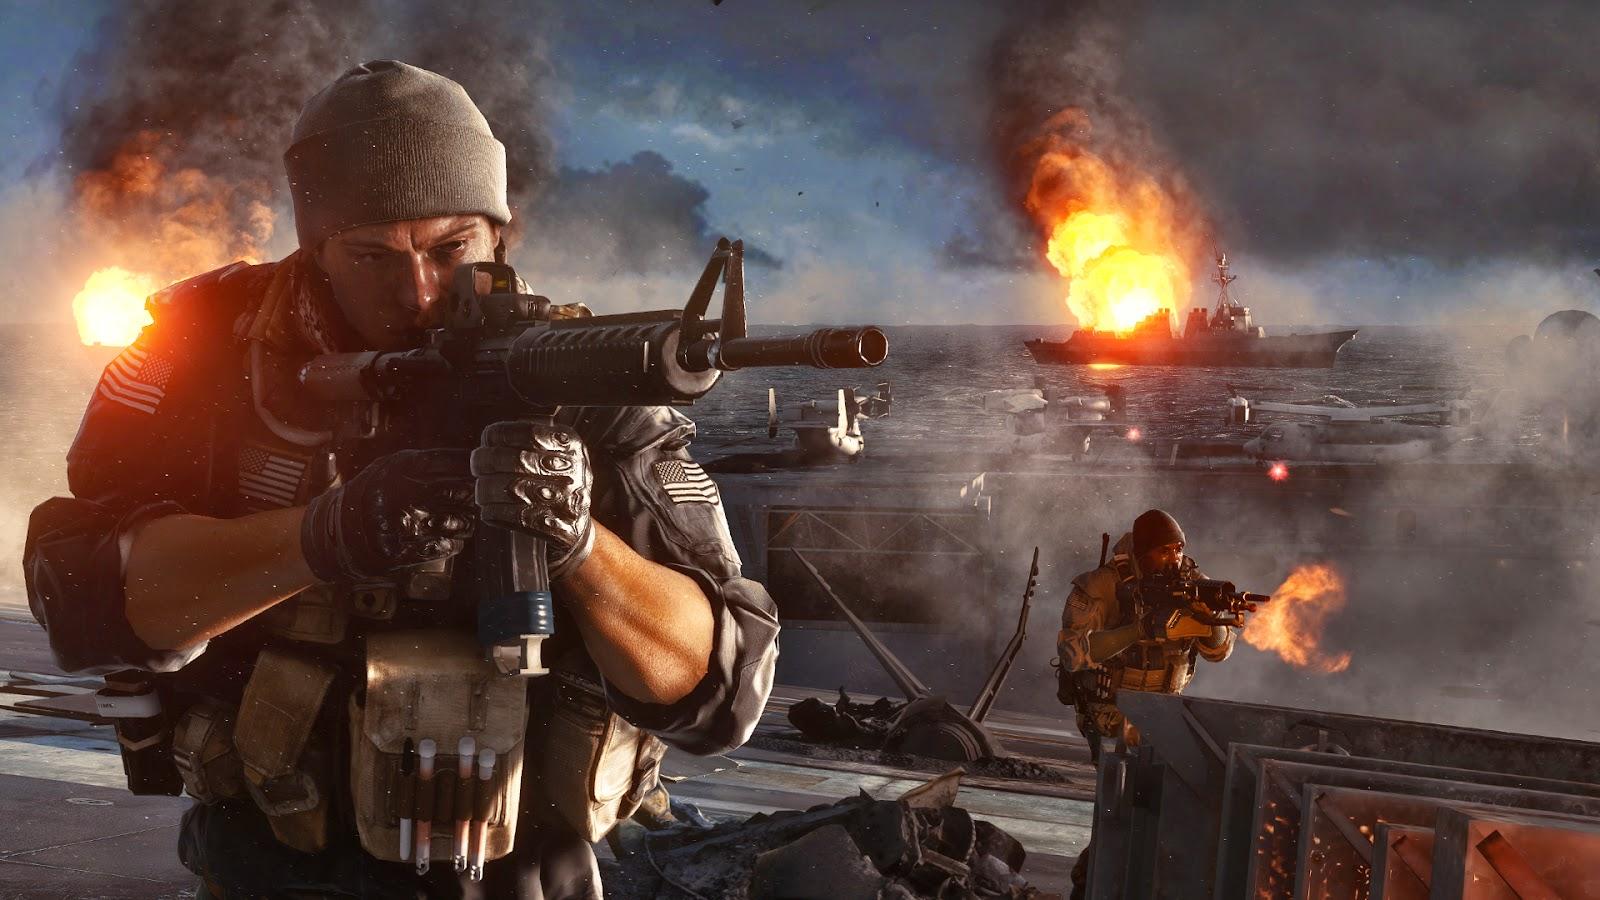 Battlefield 4 Final Stand Official Site - battlefield 4 final stand wallpapers